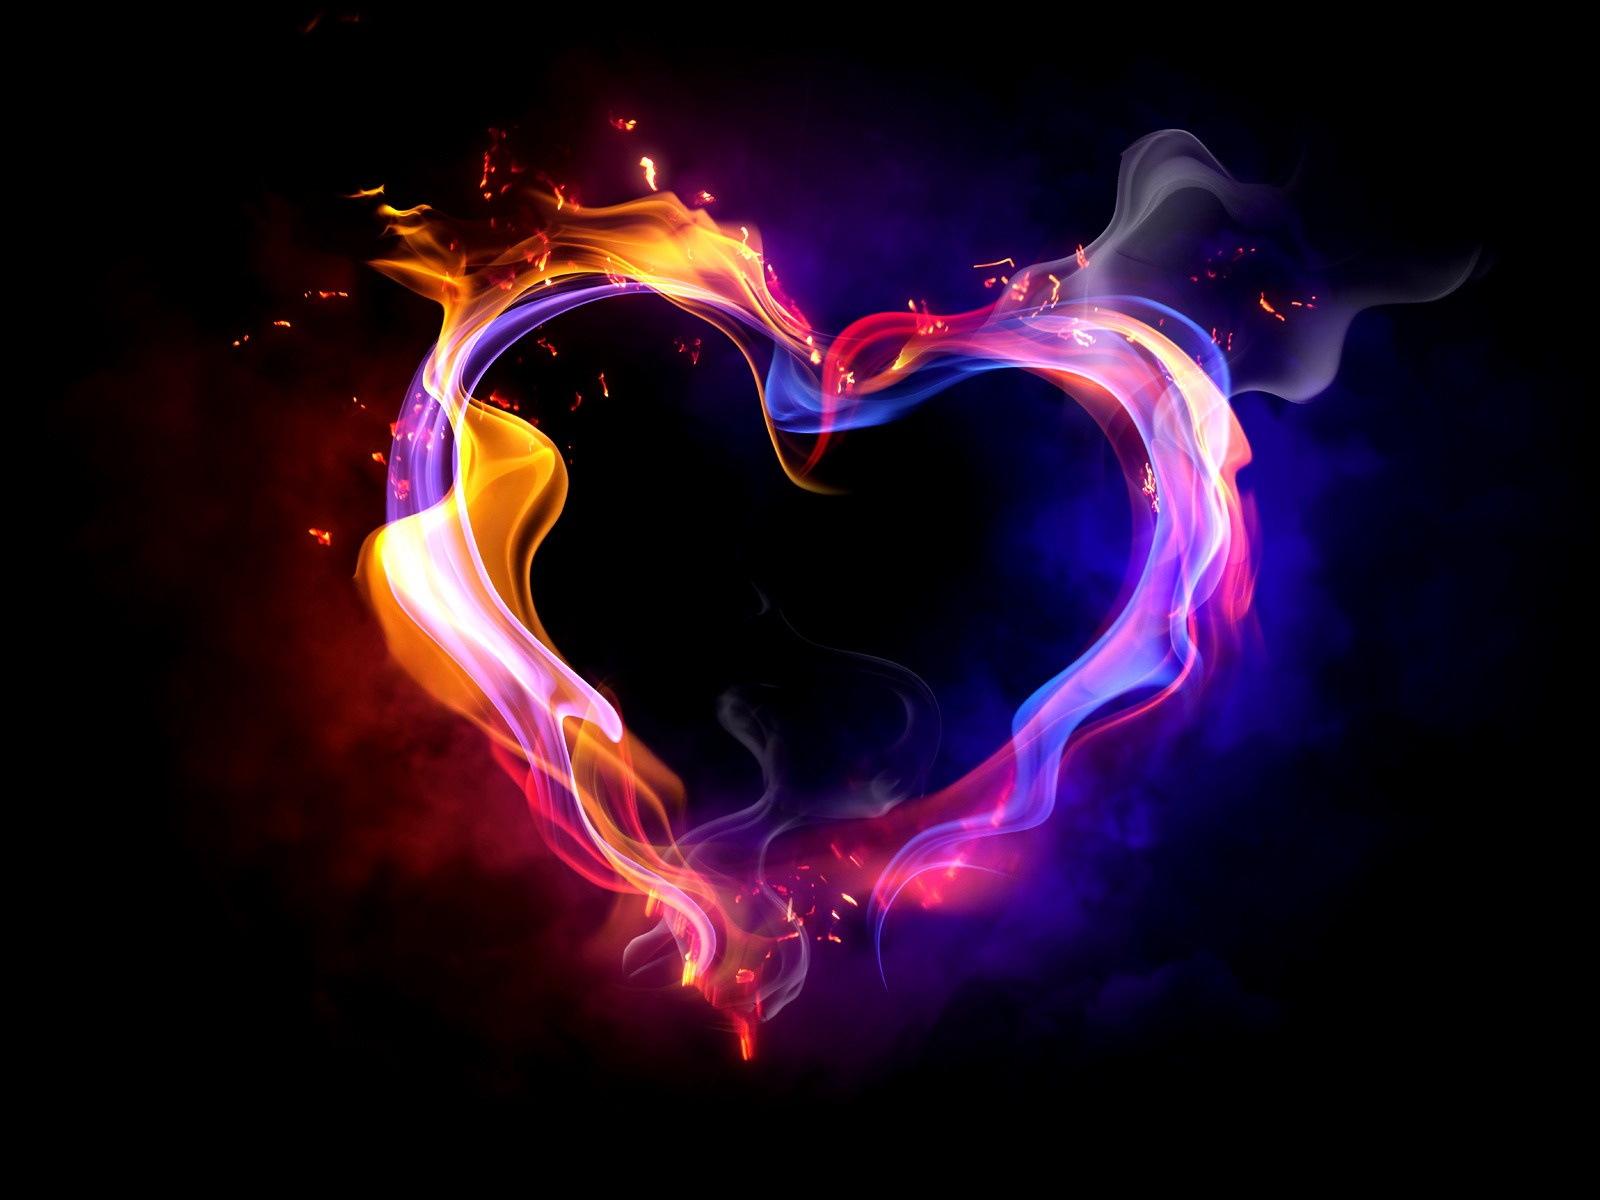 http://2.bp.blogspot.com/-8w7VN2sFQcE/UMmjDo-_AwI/AAAAAAAAAWQ/Yw8uDo0YiZo/s1600/Fire-heart-3D-wallpaper.jpg